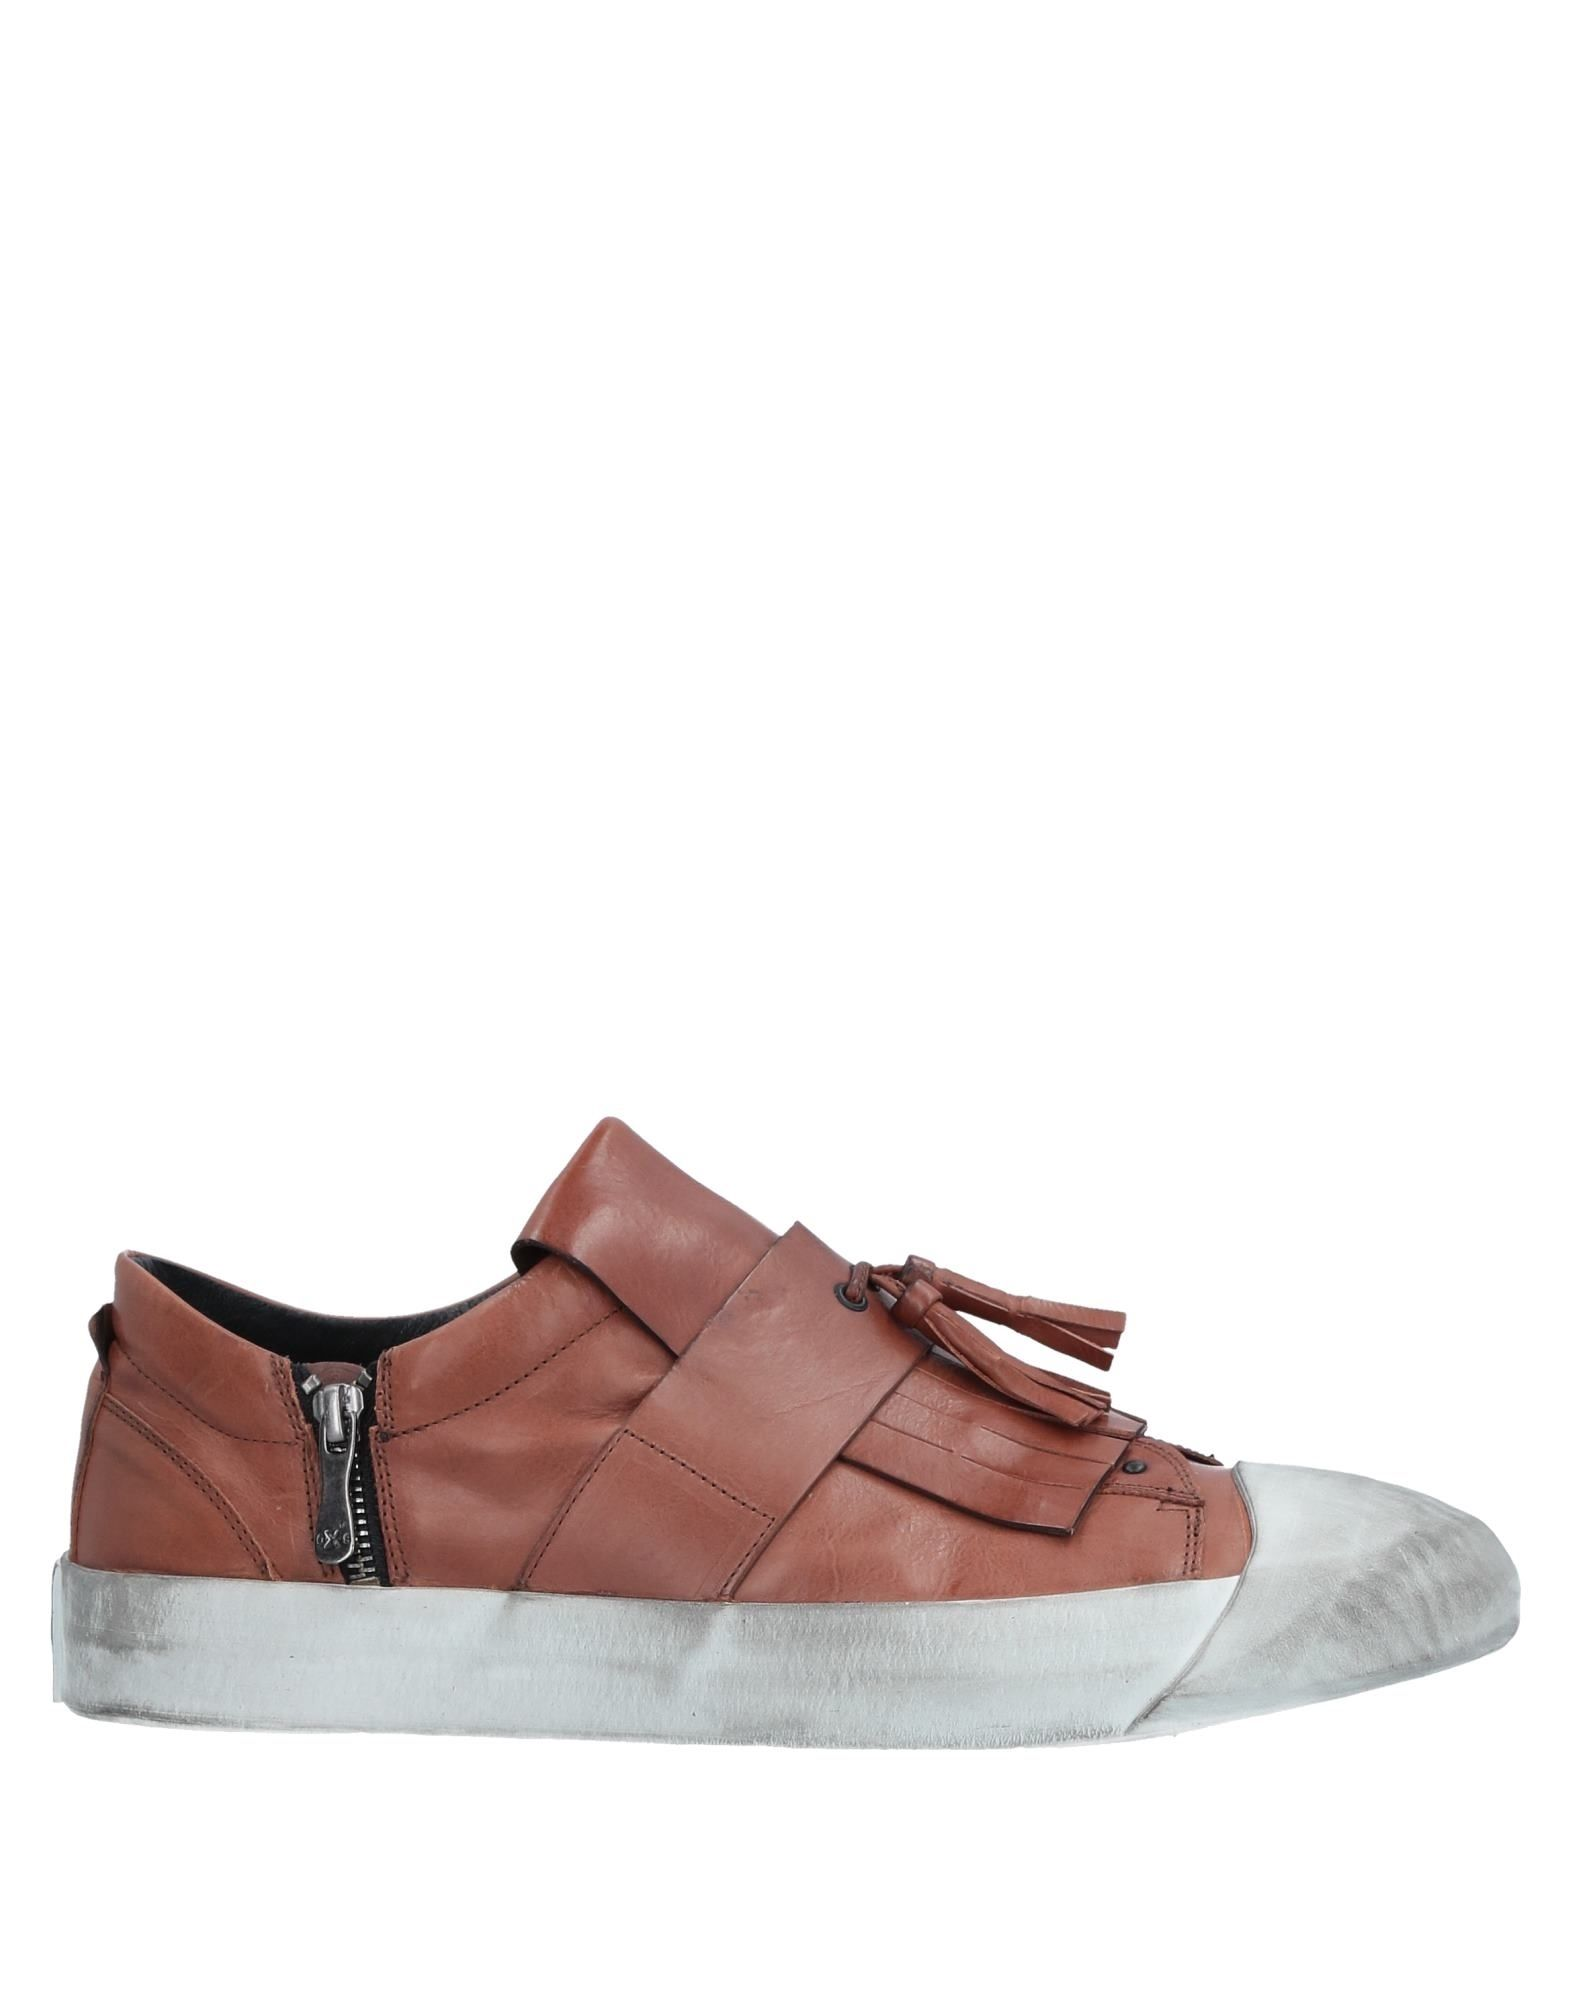 Günstige und modische Schuhe O.X.S. Sneakers Herren  11278240FM